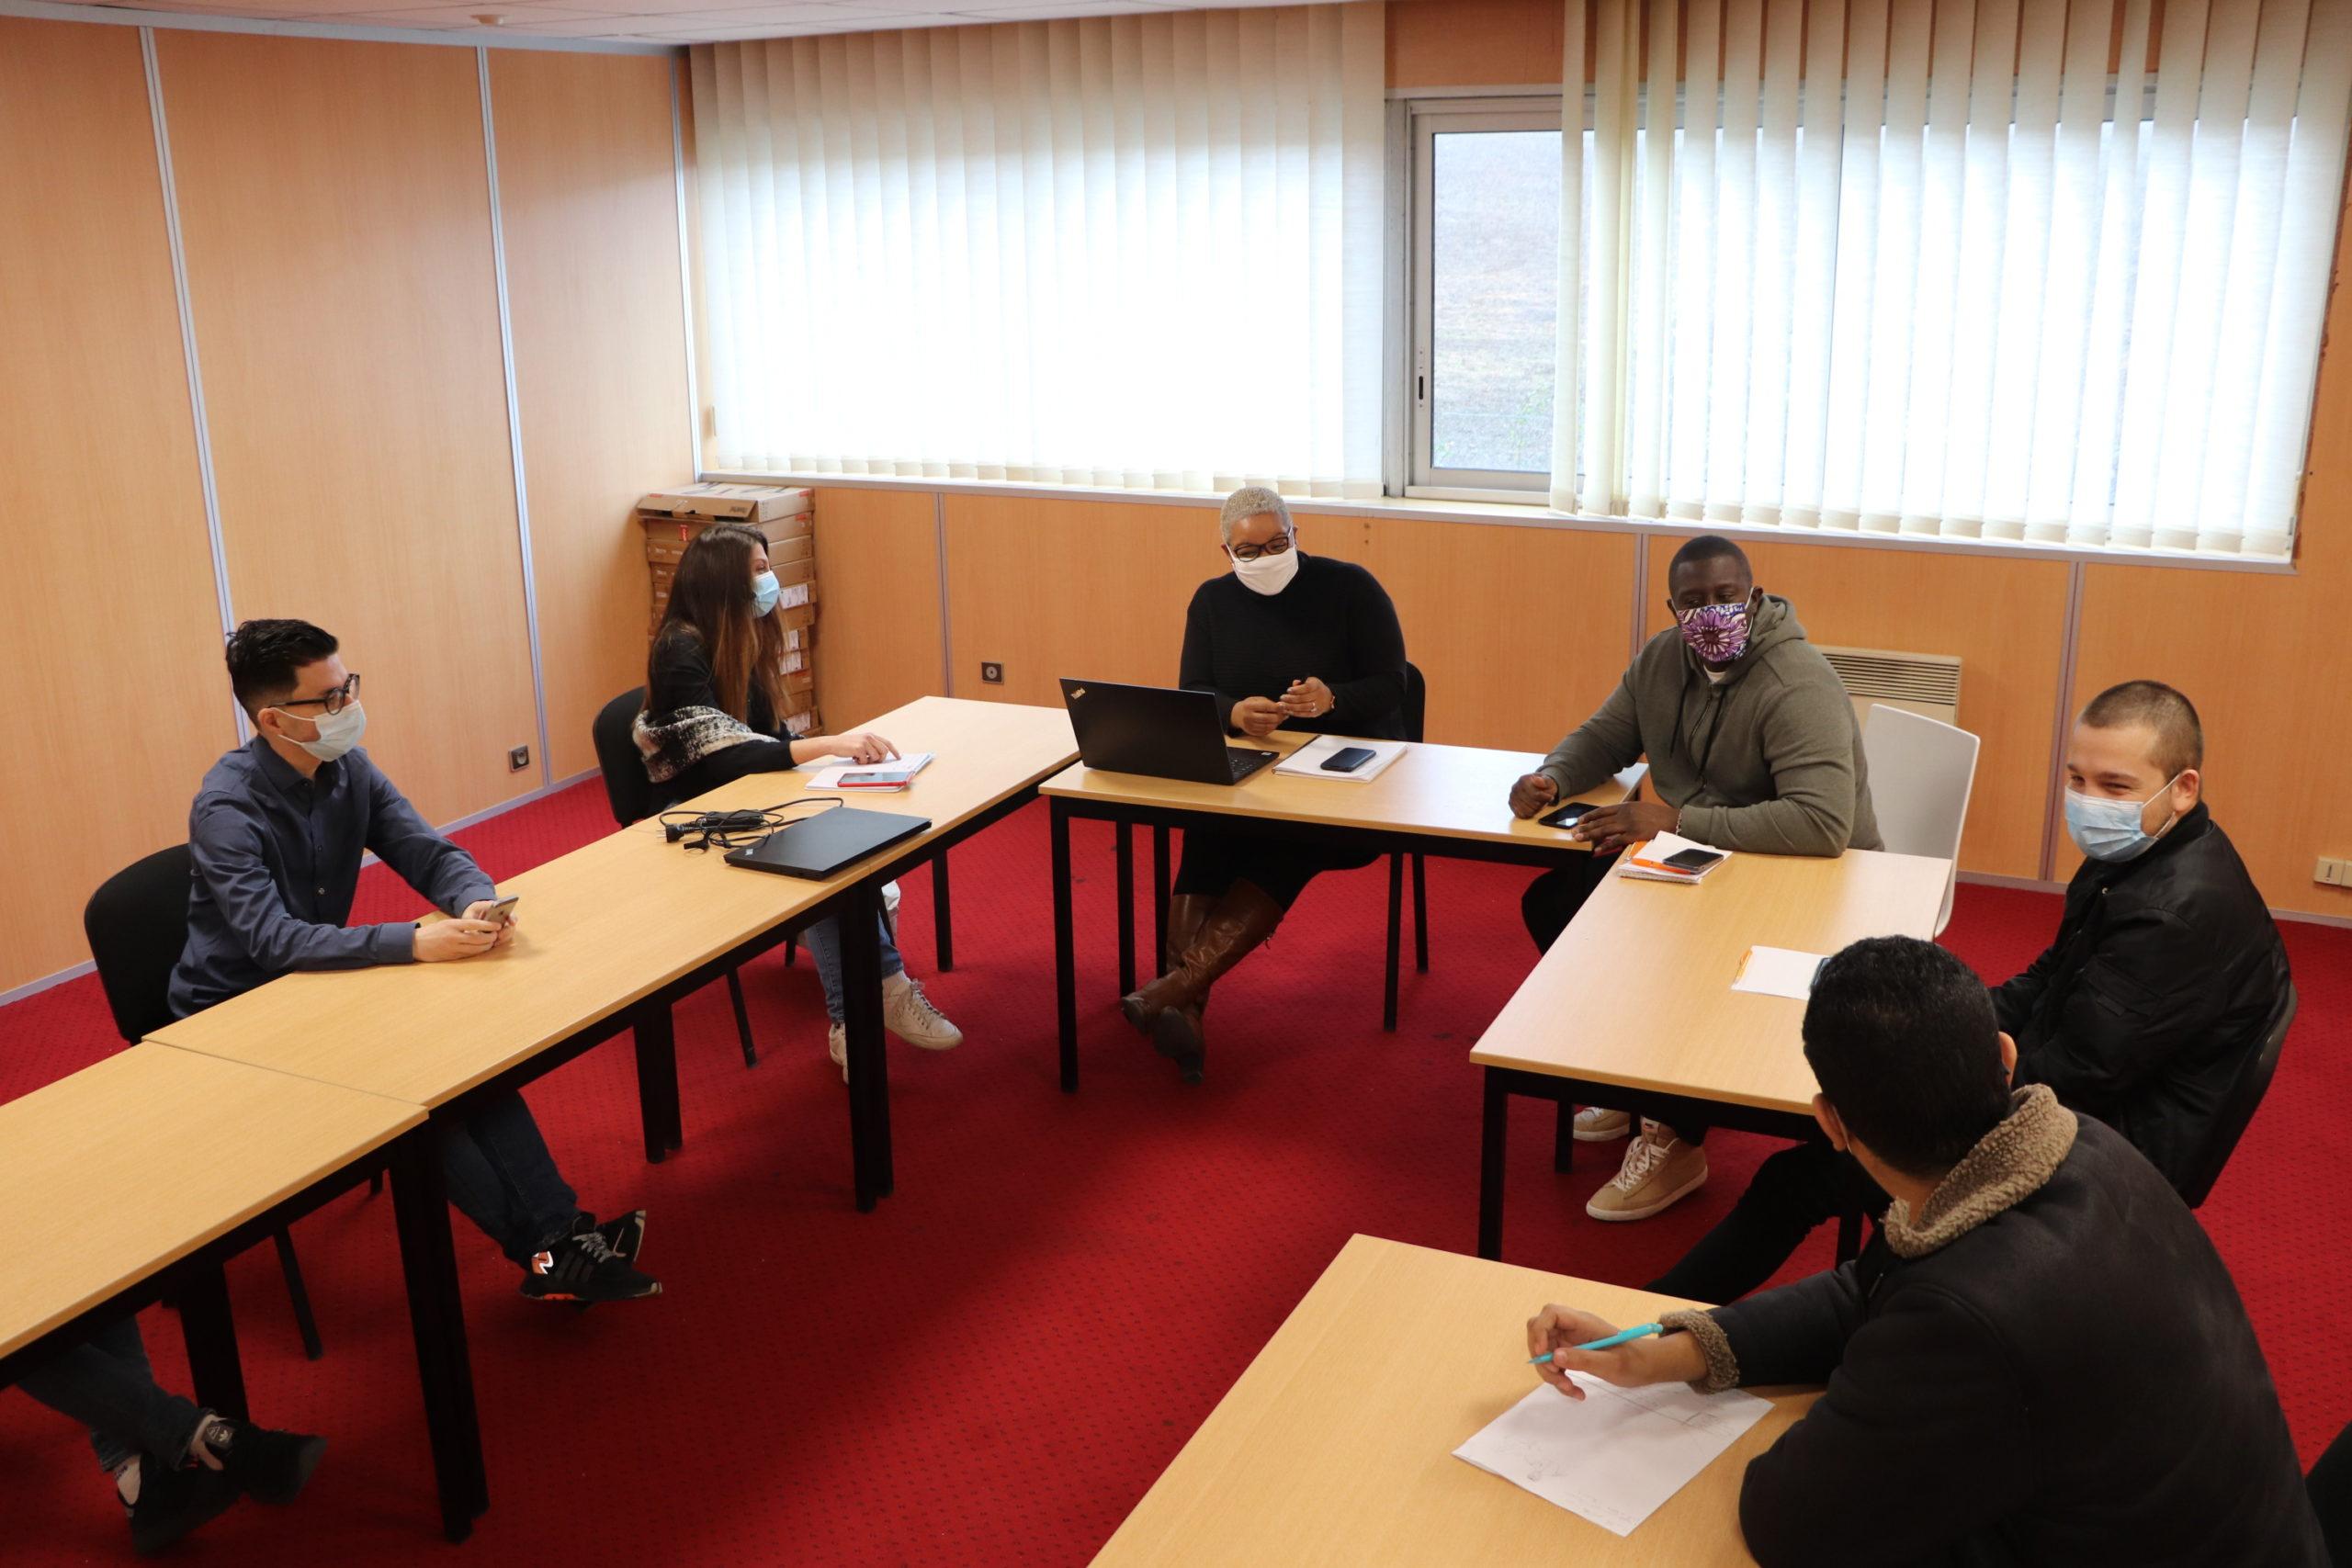 L'equipe insersite en réunion